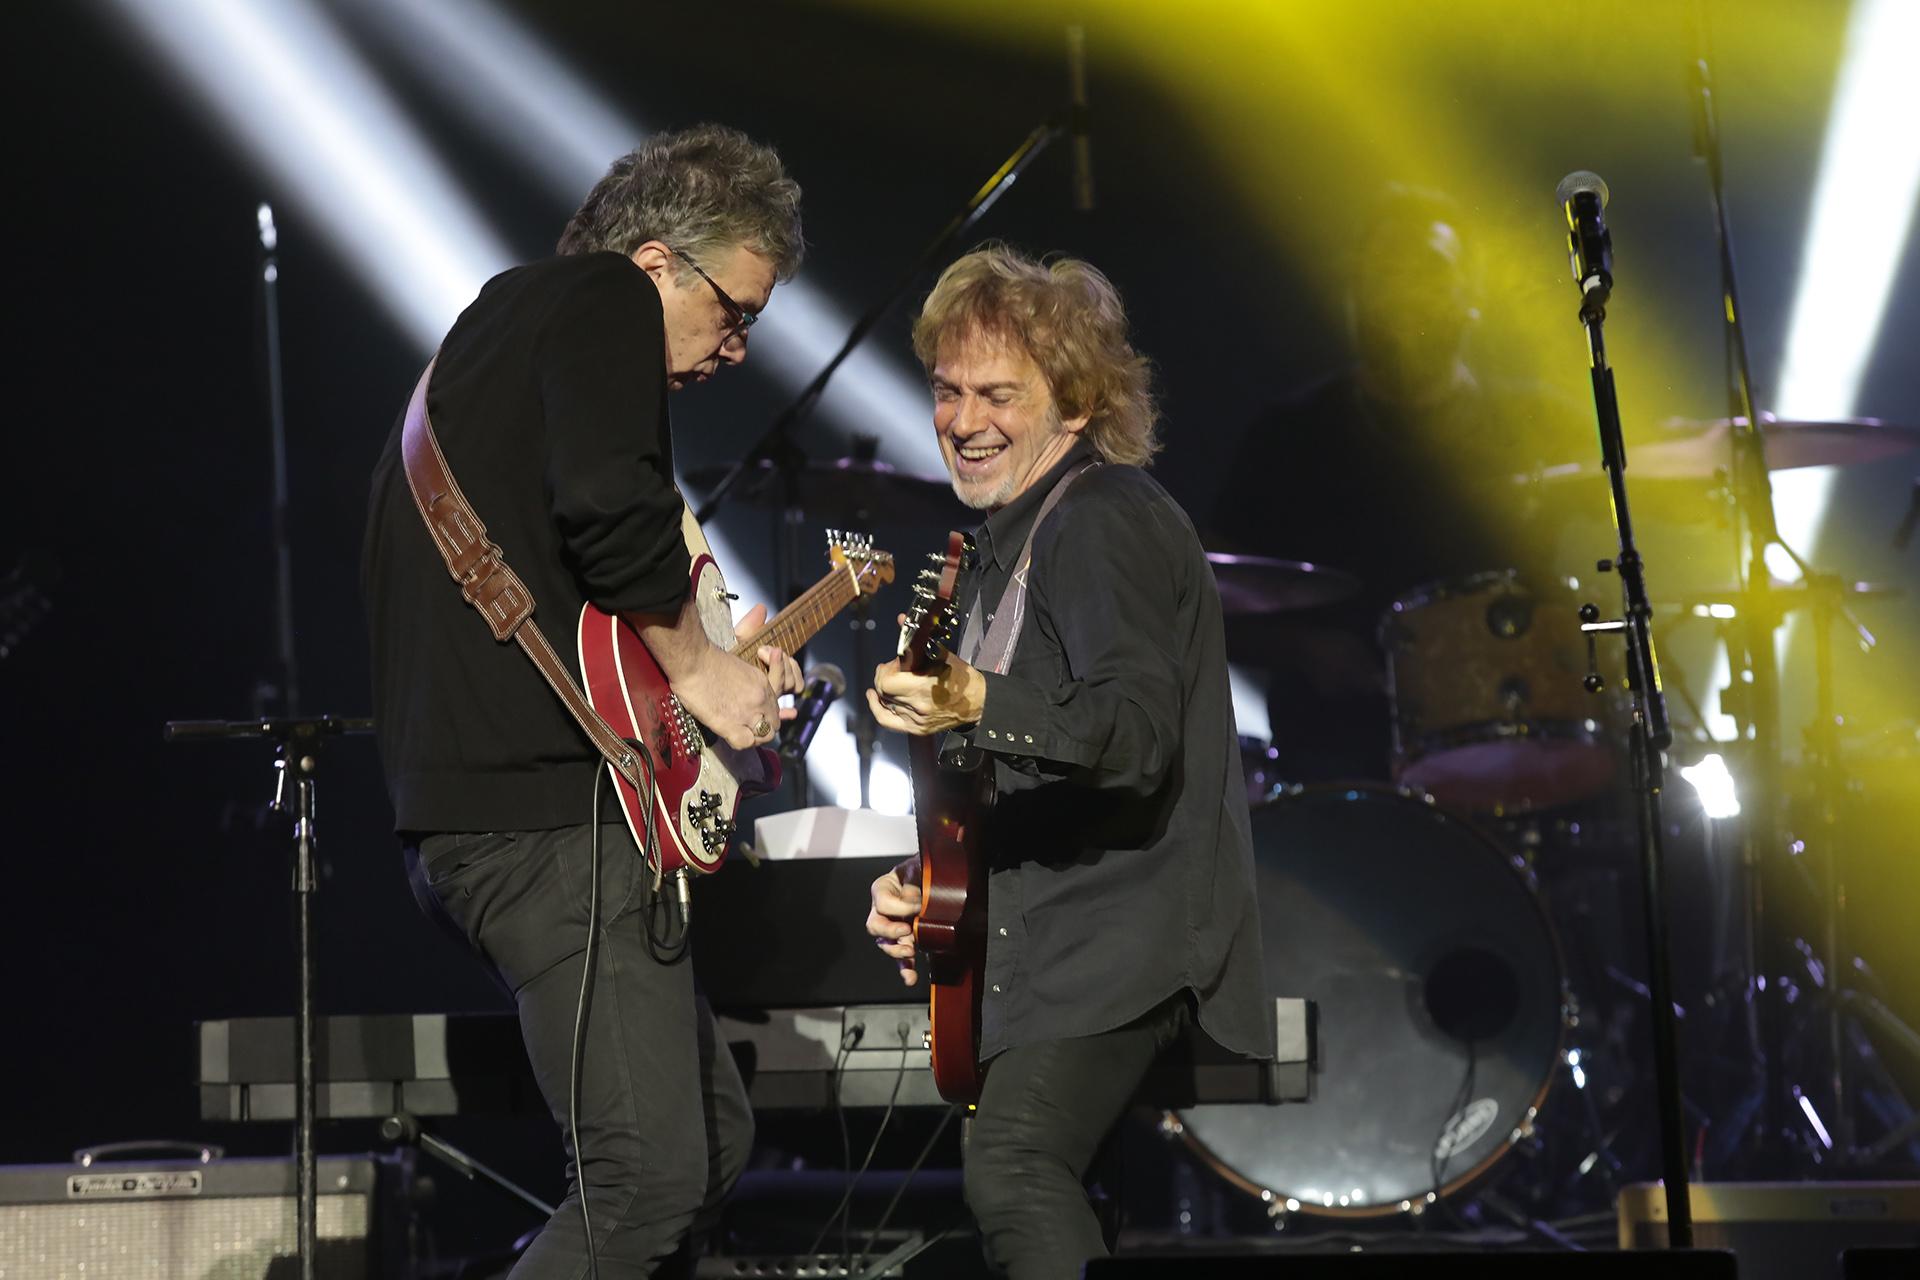 ¡Que sea rock! Juanse y Raúl, en un duelo de guitarras